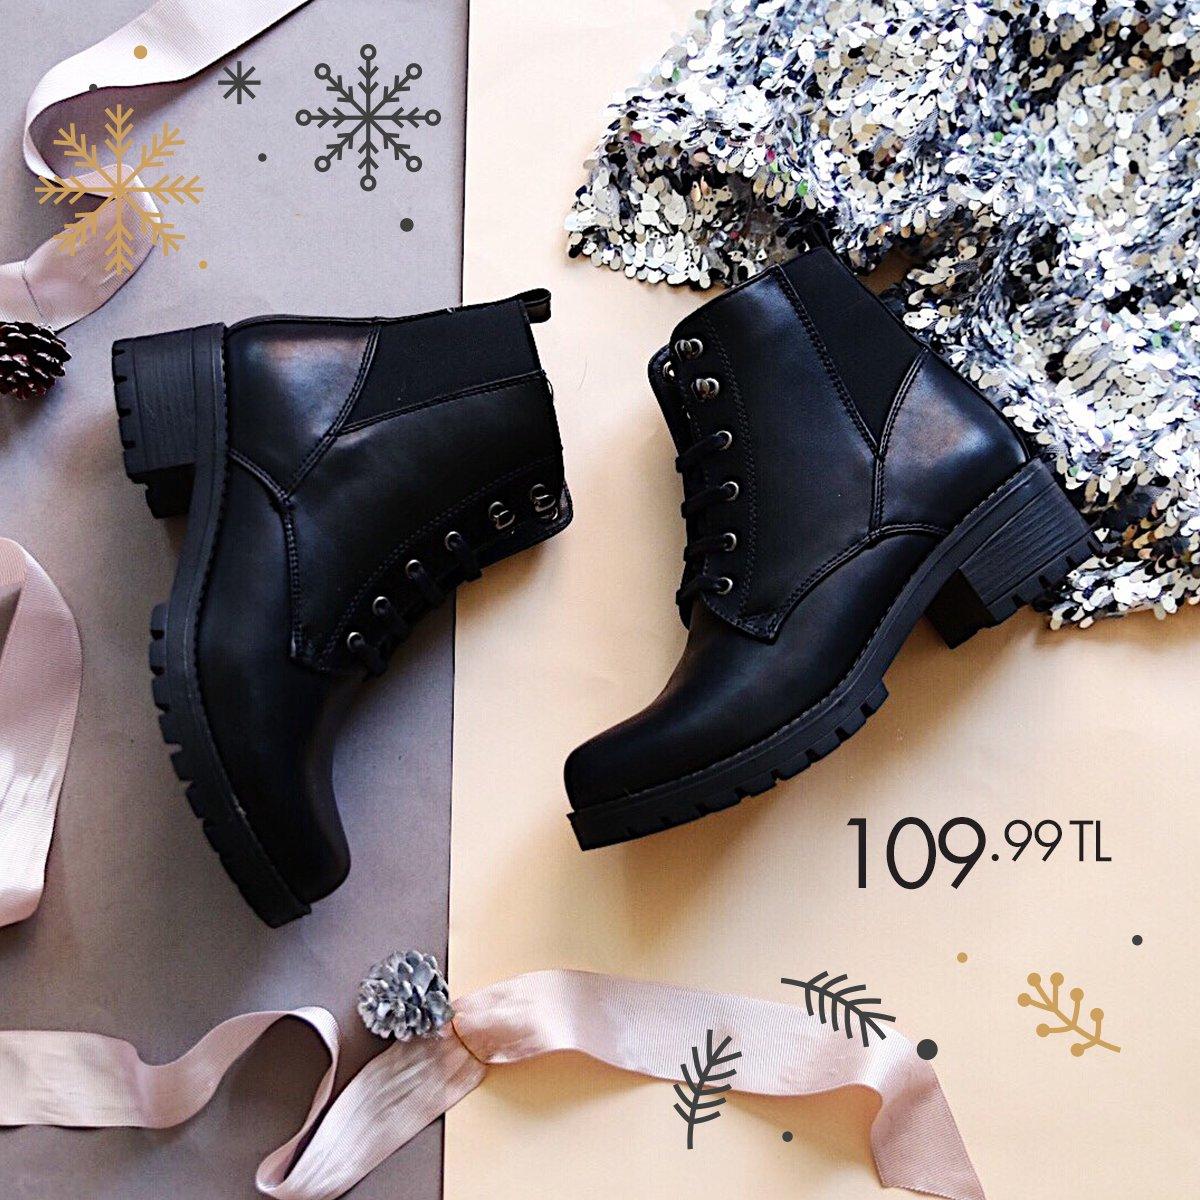 Sezonun en tarz ve trend kadın botları ile rahat ve şık tarzını öne çıkar. Siyah Kadın Bot 36-40 Numara 109,99 TL 🔎 100320701 http://bit.ly/2ViRFJJ